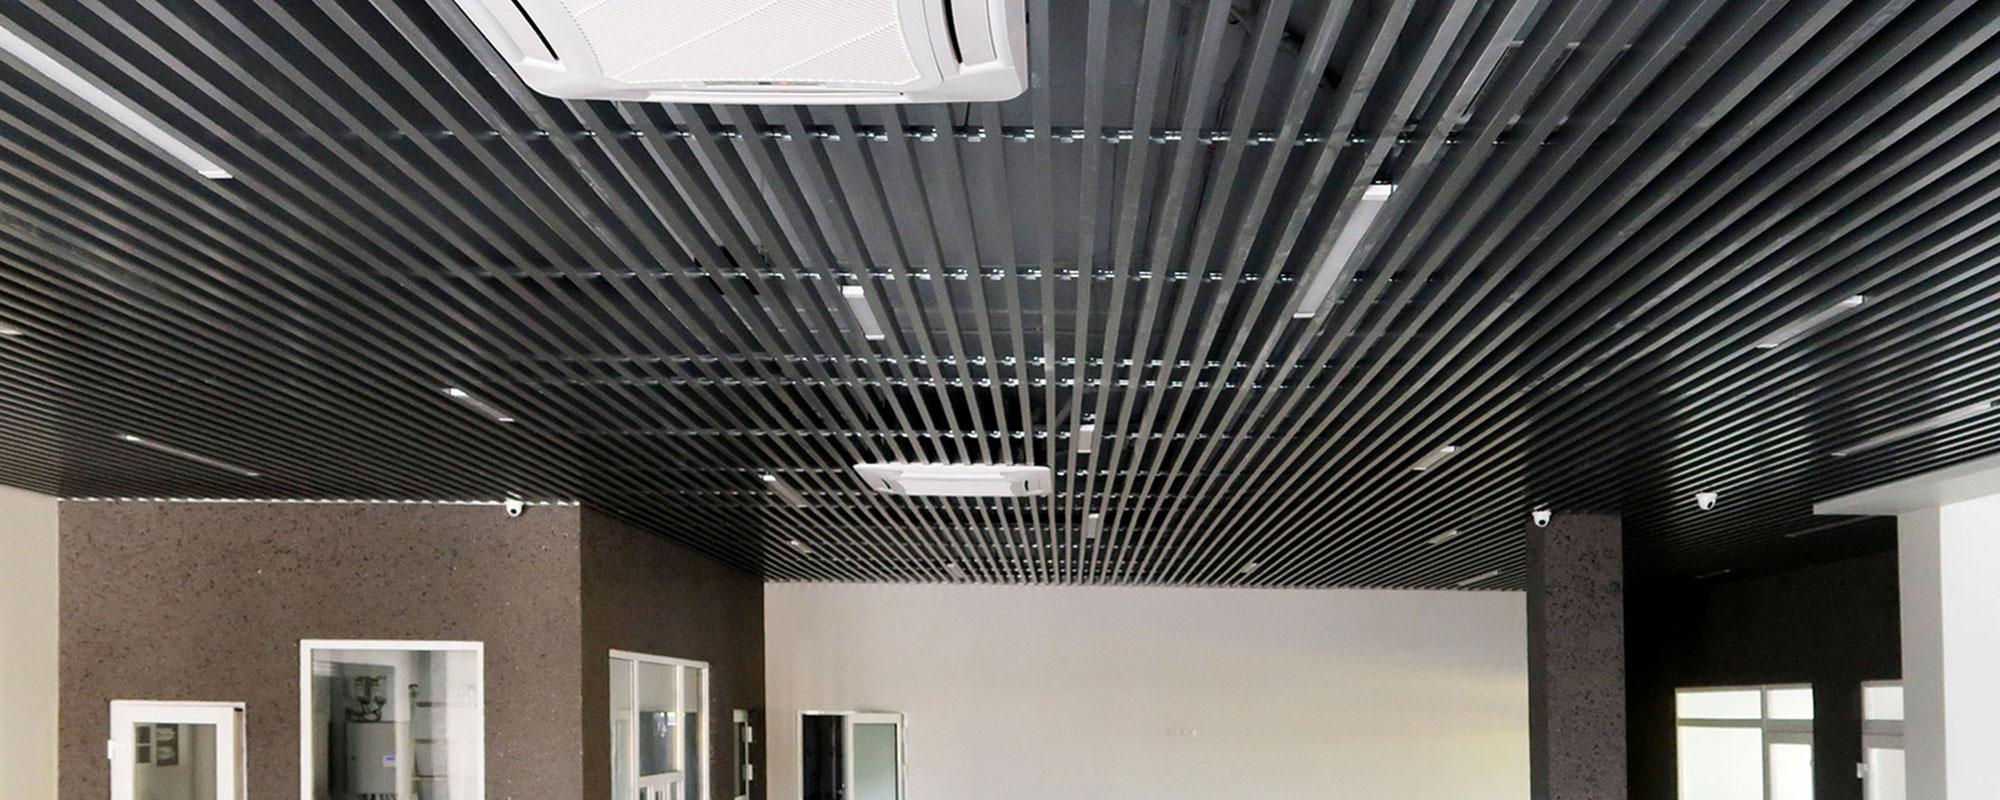 Кубоподібні підвісні стелі